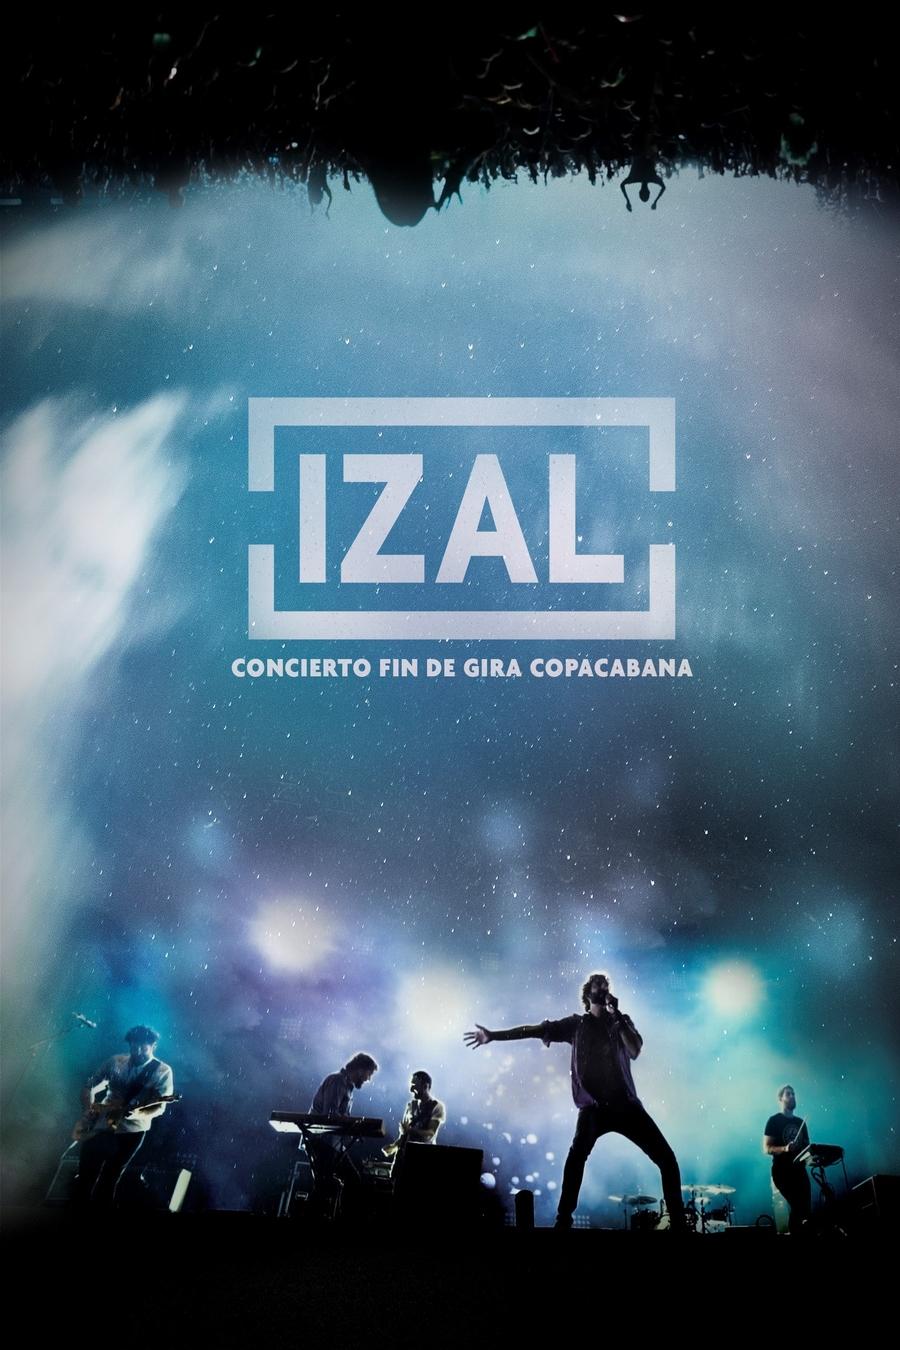 Izal: Concierto fin de Gira Copacabana